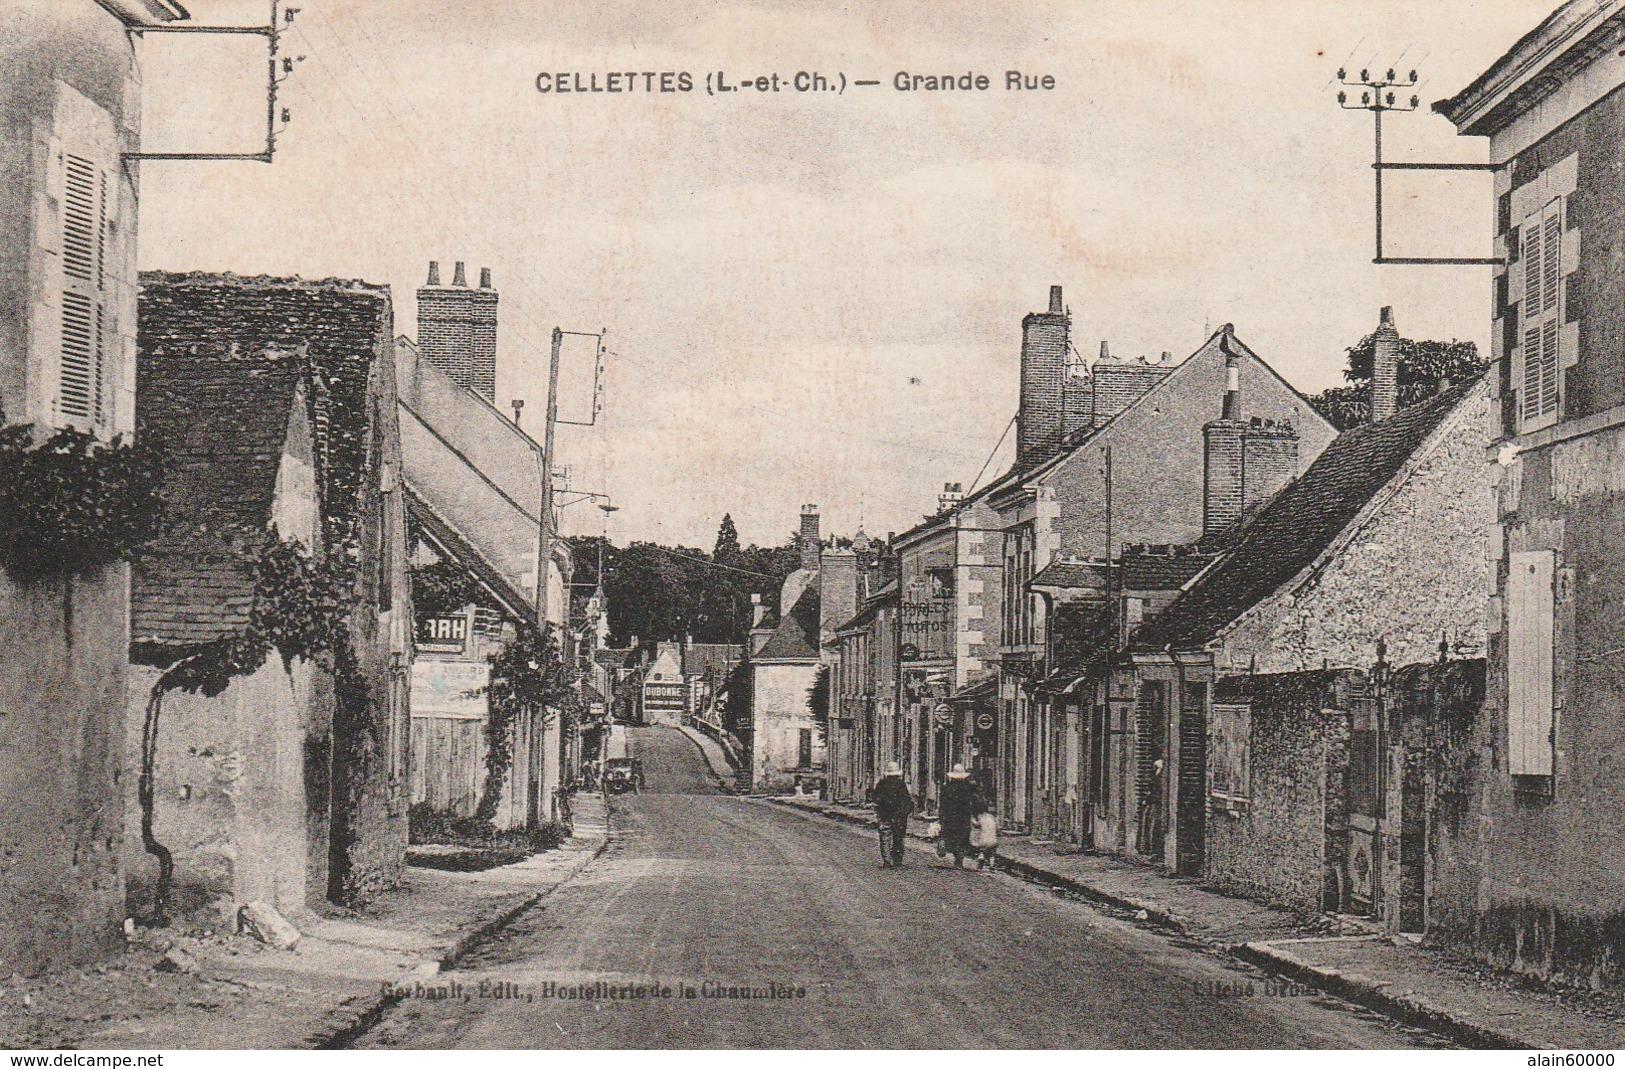 41 - CELLETTES (L-et-Ch.) - Grande Rue. - France